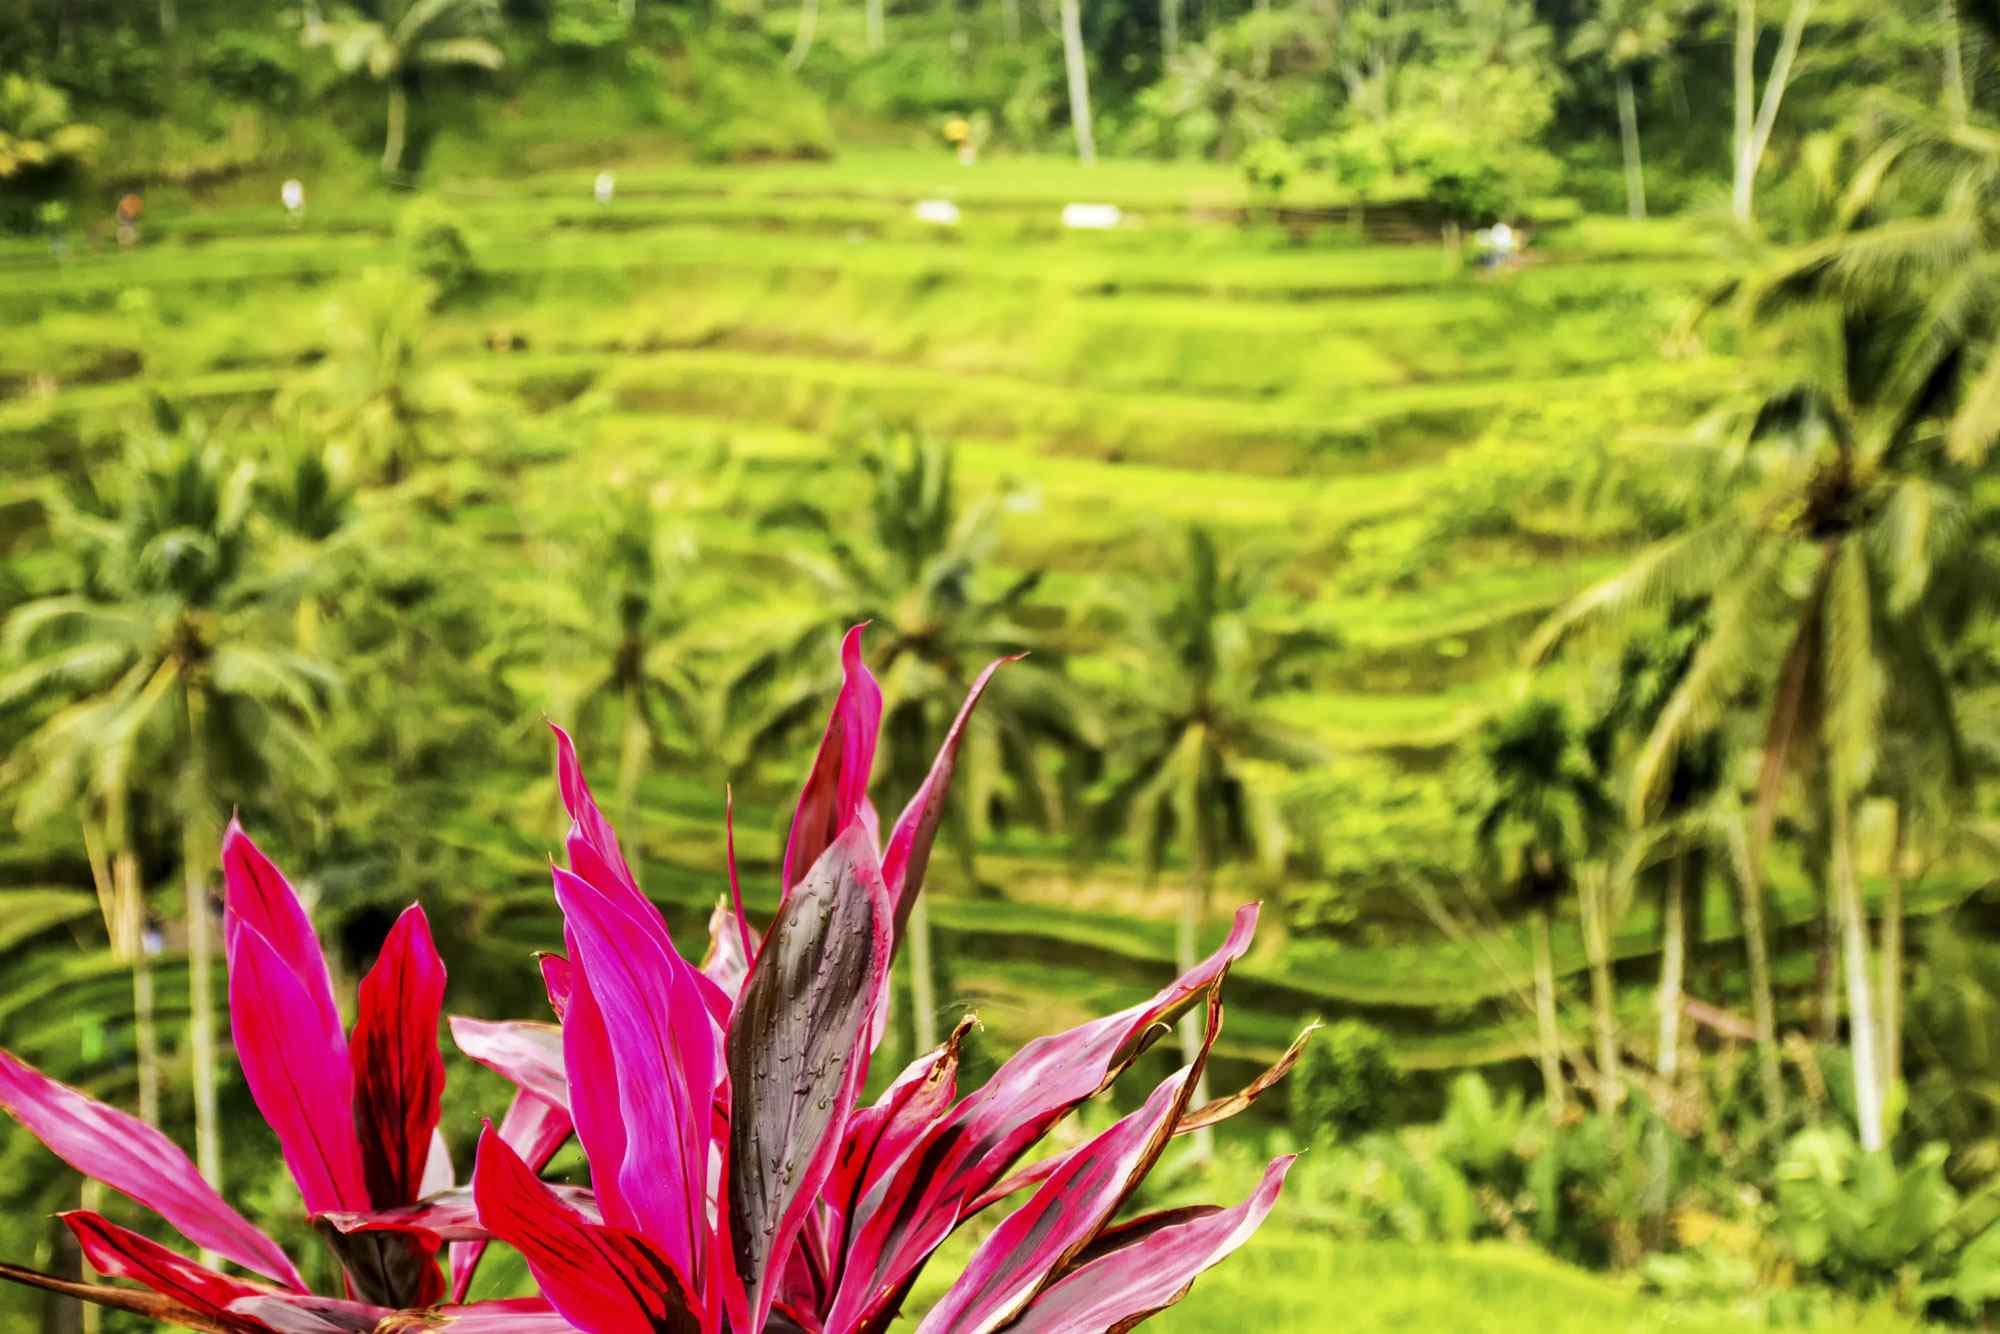 Il meglio di Bali in due giorni fra arte, natura e cultura